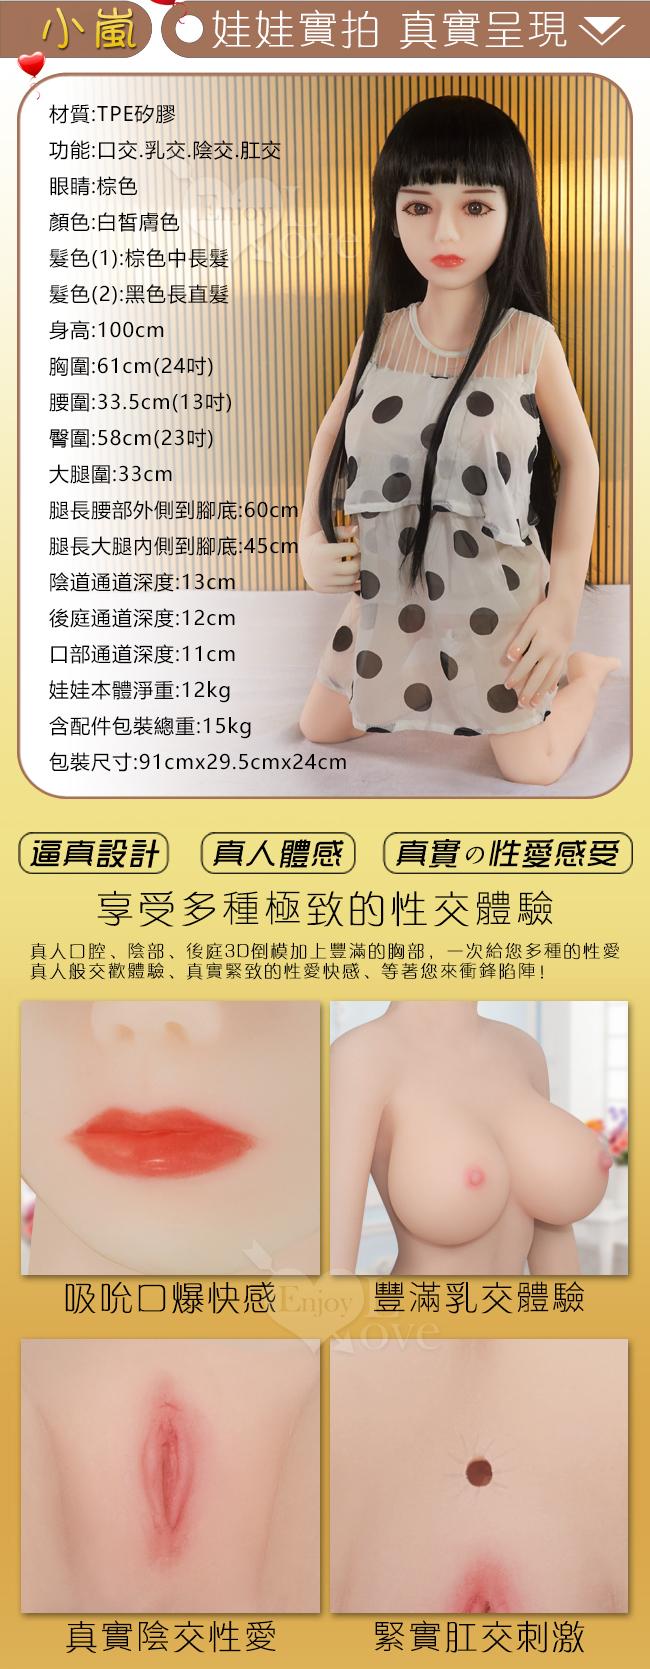 幼萌系蘿莉娃娃 - 小嵐﹝100cm / 12kg﹞全實體矽膠不銹鋼變形骨骼